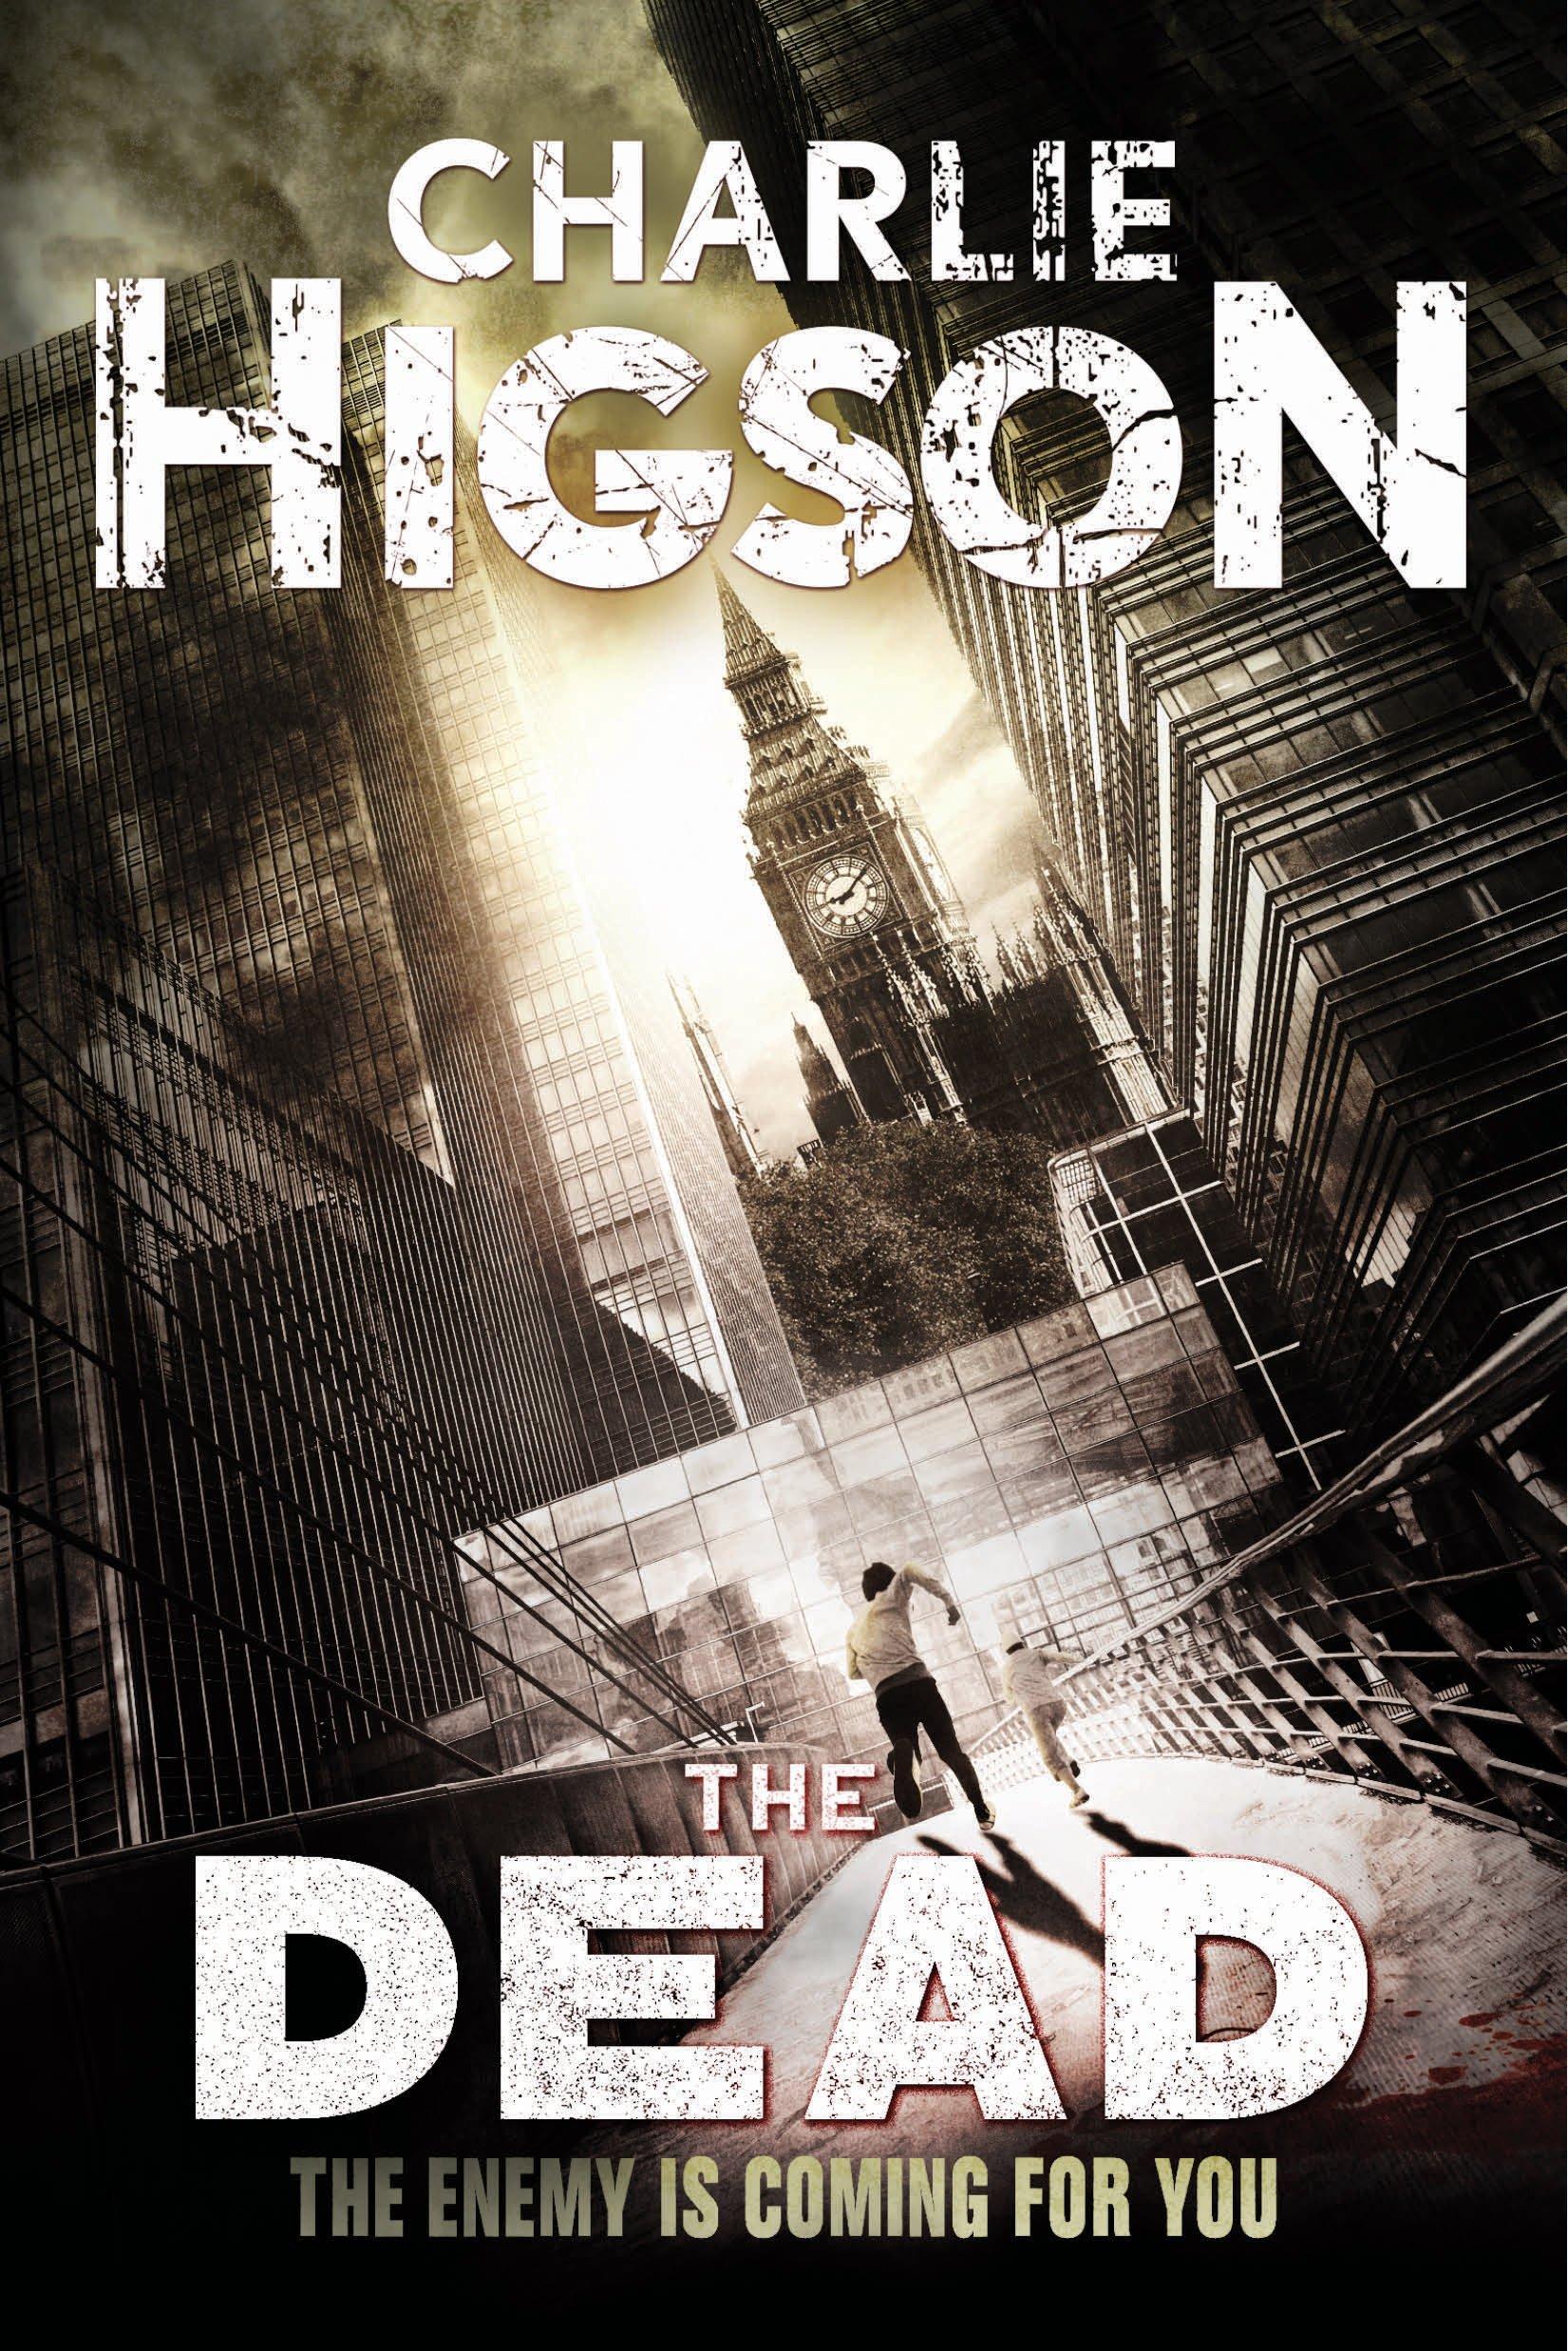 Amazon.com: The Dead (An Enemy Novel) (9781423134121): Higson ...